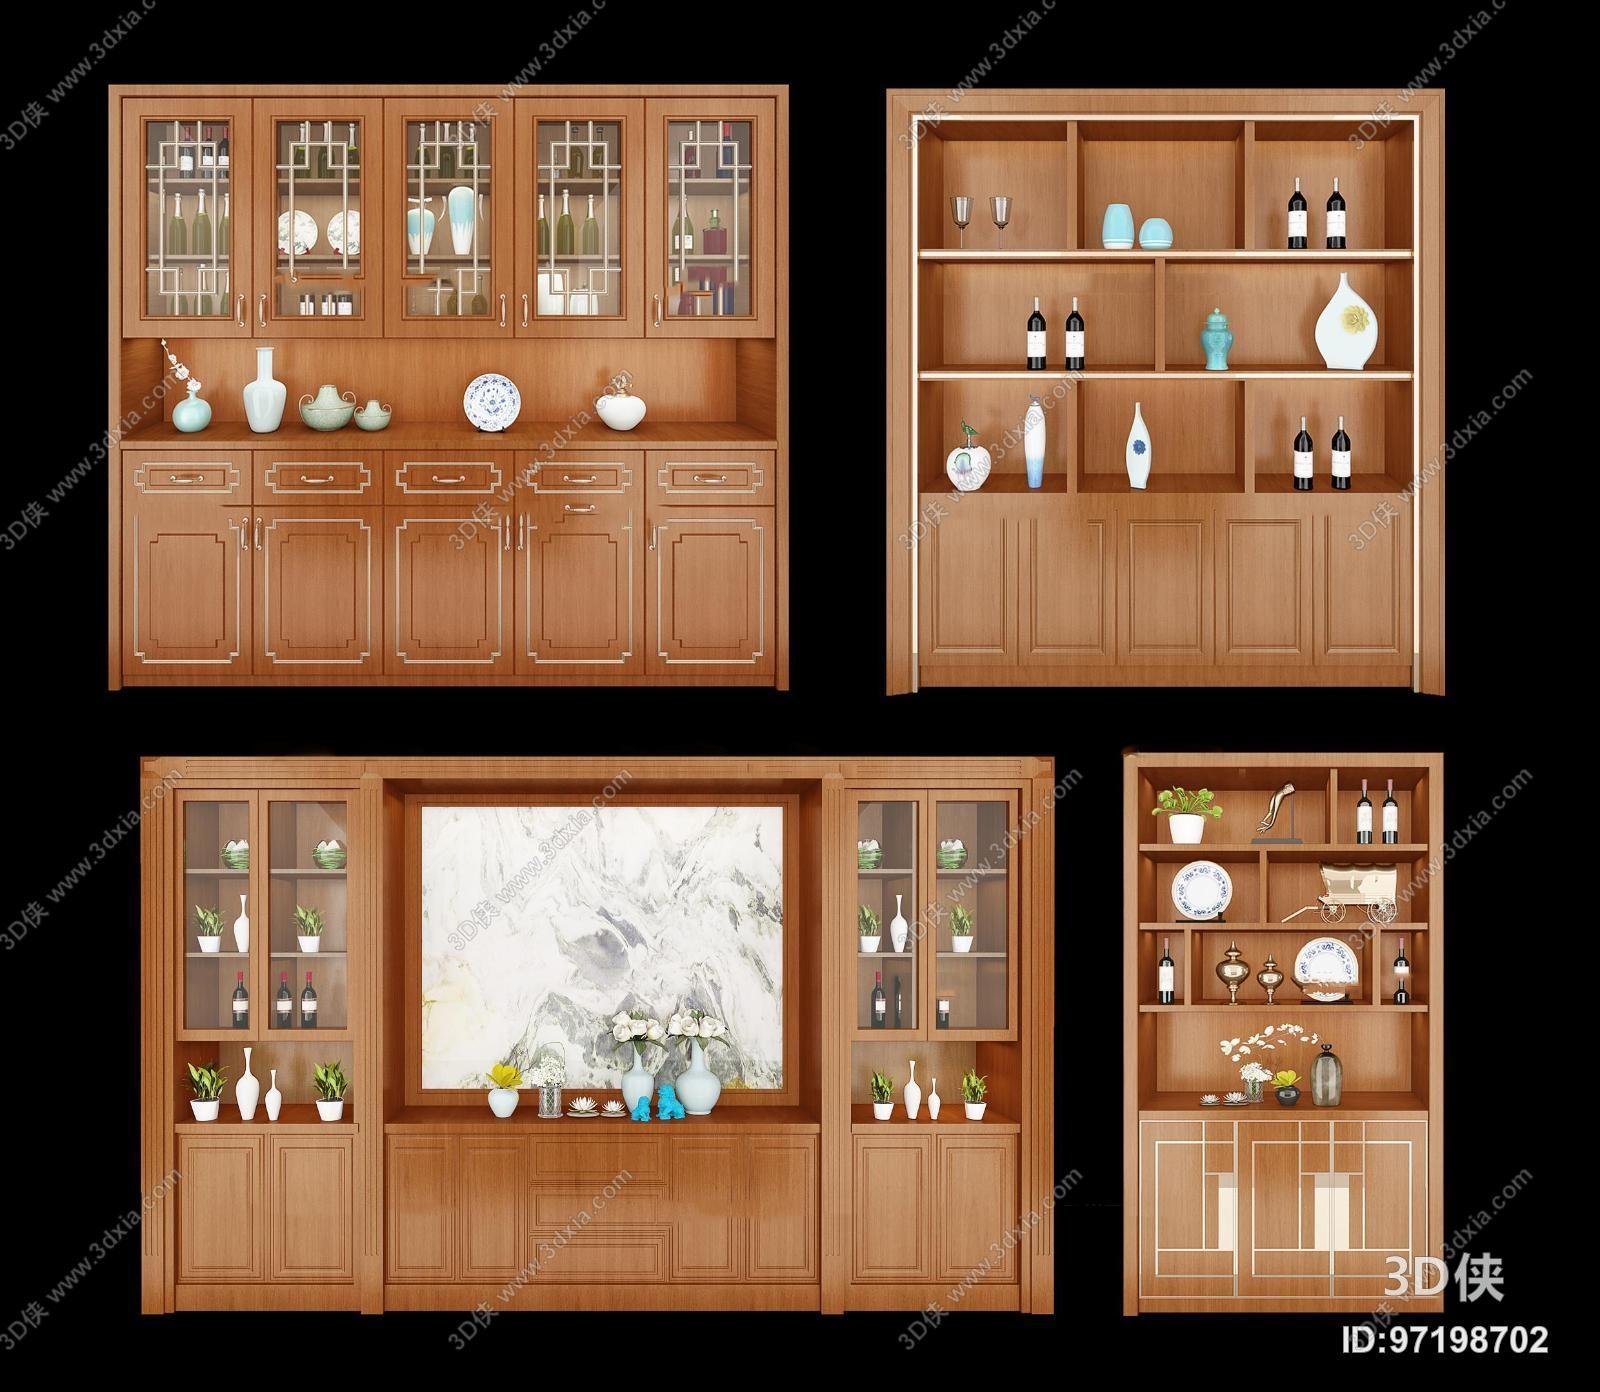 4319浏览数724次下载 3d侠模型网提供精美好看的中式风格 酒柜效果图